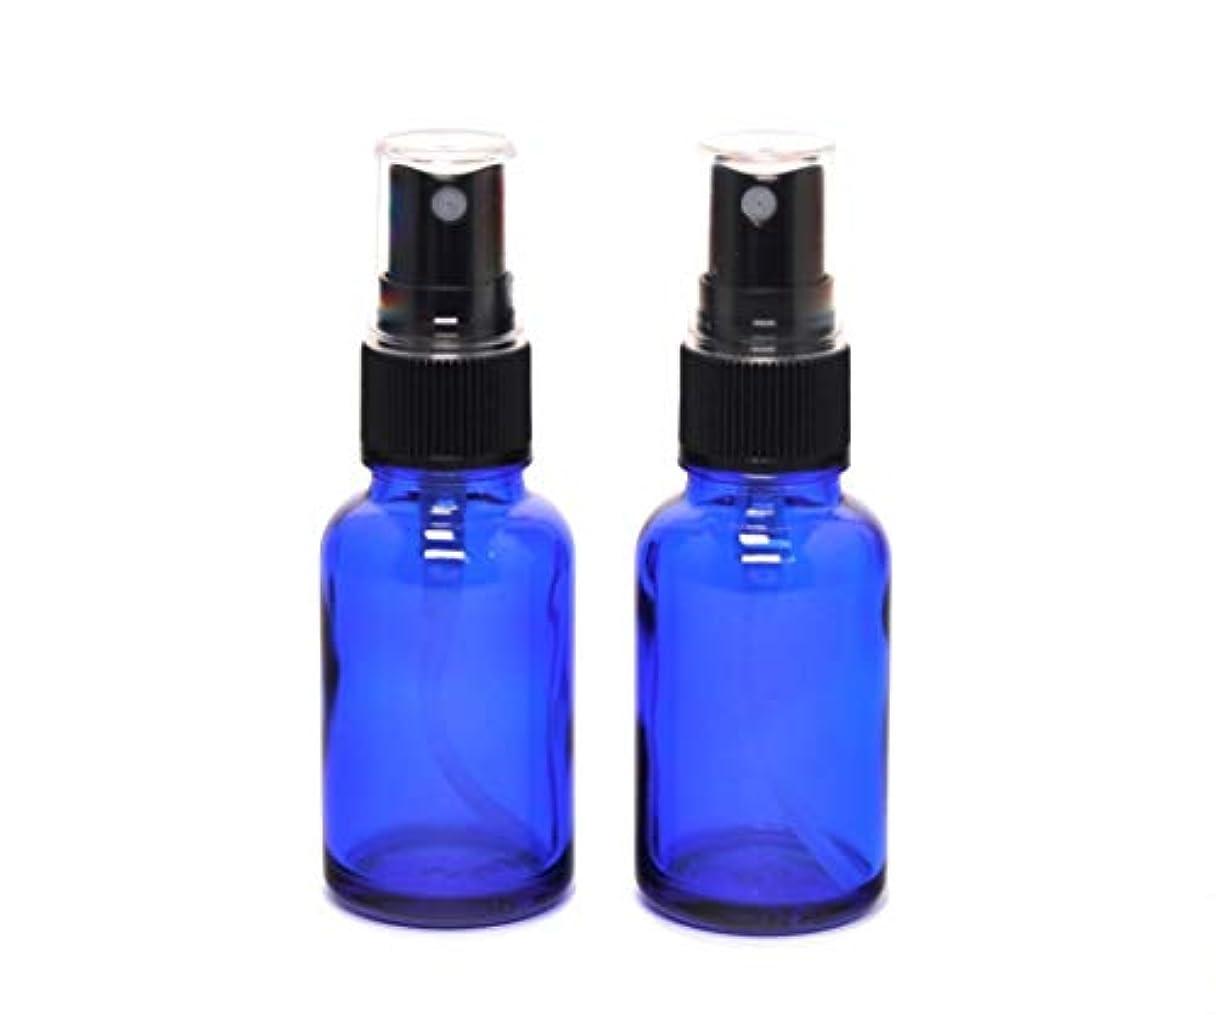 遮光瓶 蓄圧式ミストのスプレーボトル 30ml コバルトブルー / ( 硝子製?アトマイザー )ブラックヘッド × 2本セット / アロマスプレー用